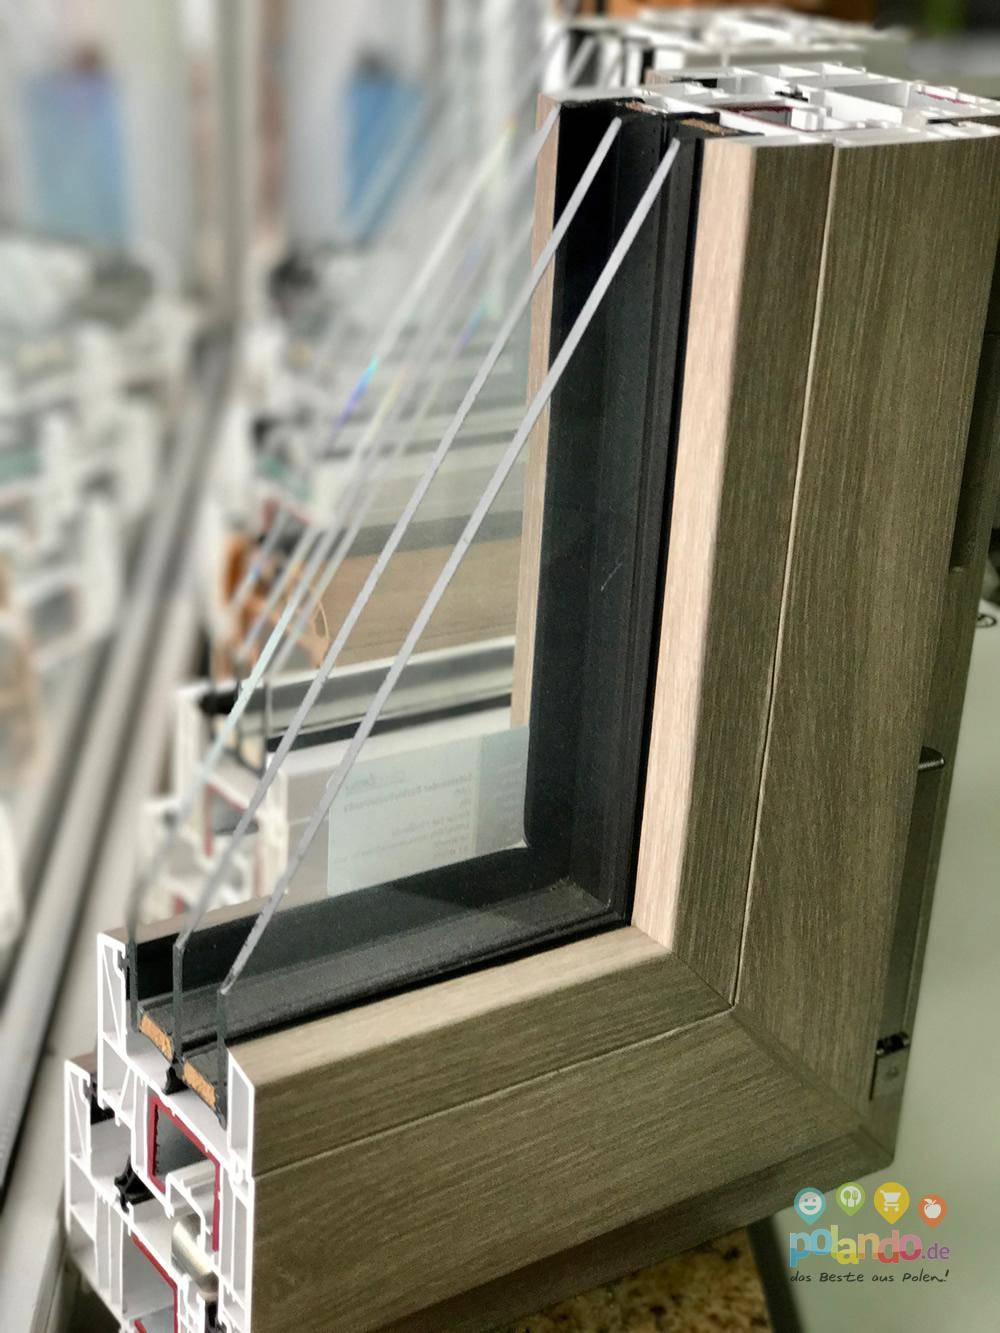 Full Size of Fenster Kaufen In Polen Styl Dom Und Tren Subice Aluminium Kleine Küche Einrichten Kleiner Tisch Betten Berlin Rollo Schreinerküche Trampolin Garten Bad Fenster Fenster Kaufen In Polen